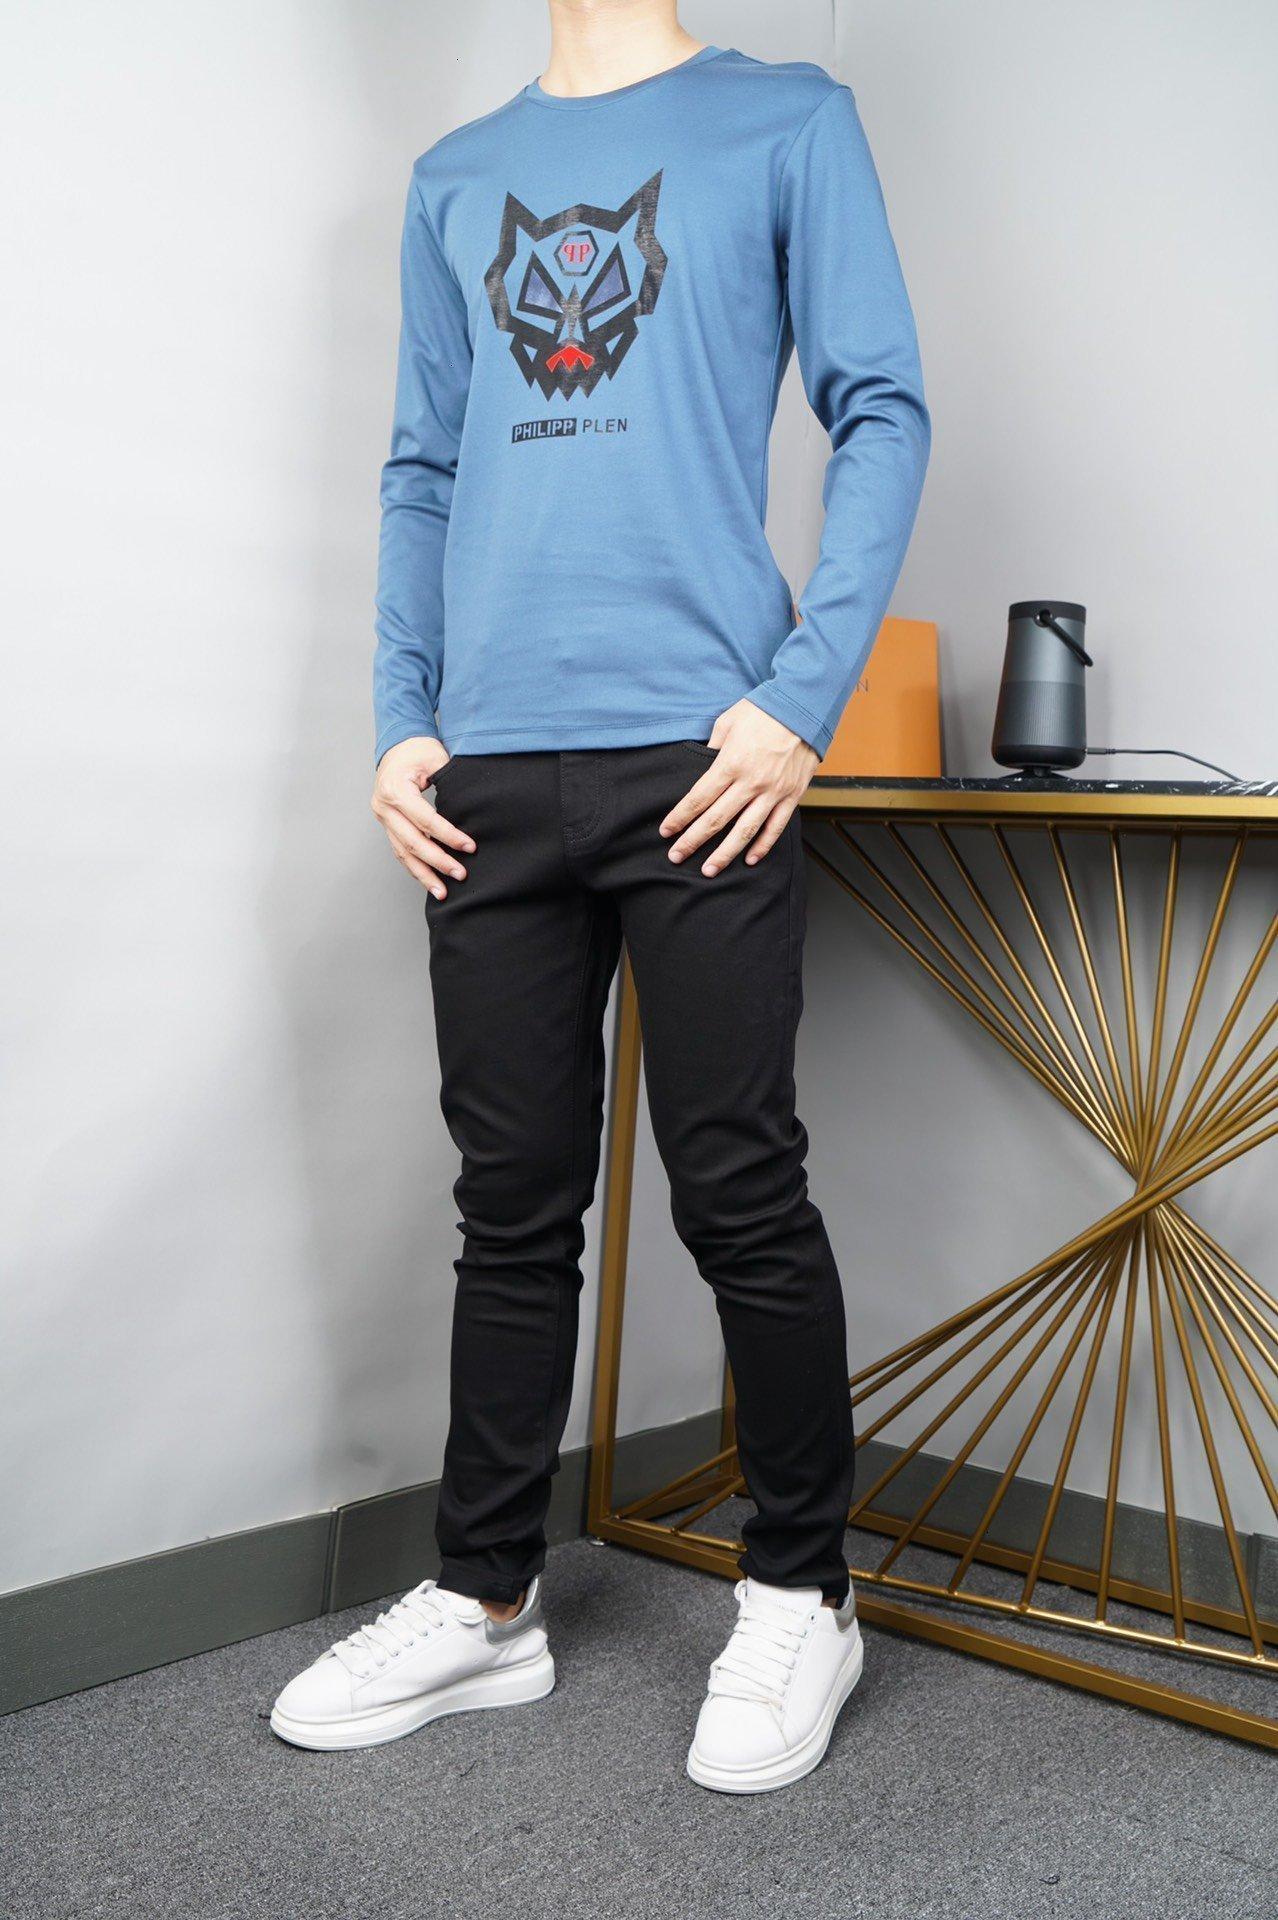 топ мужские качества фуфайки балахон тенниски мужские верхние части свитера пуловеры 6498 * 0178shuangnian1